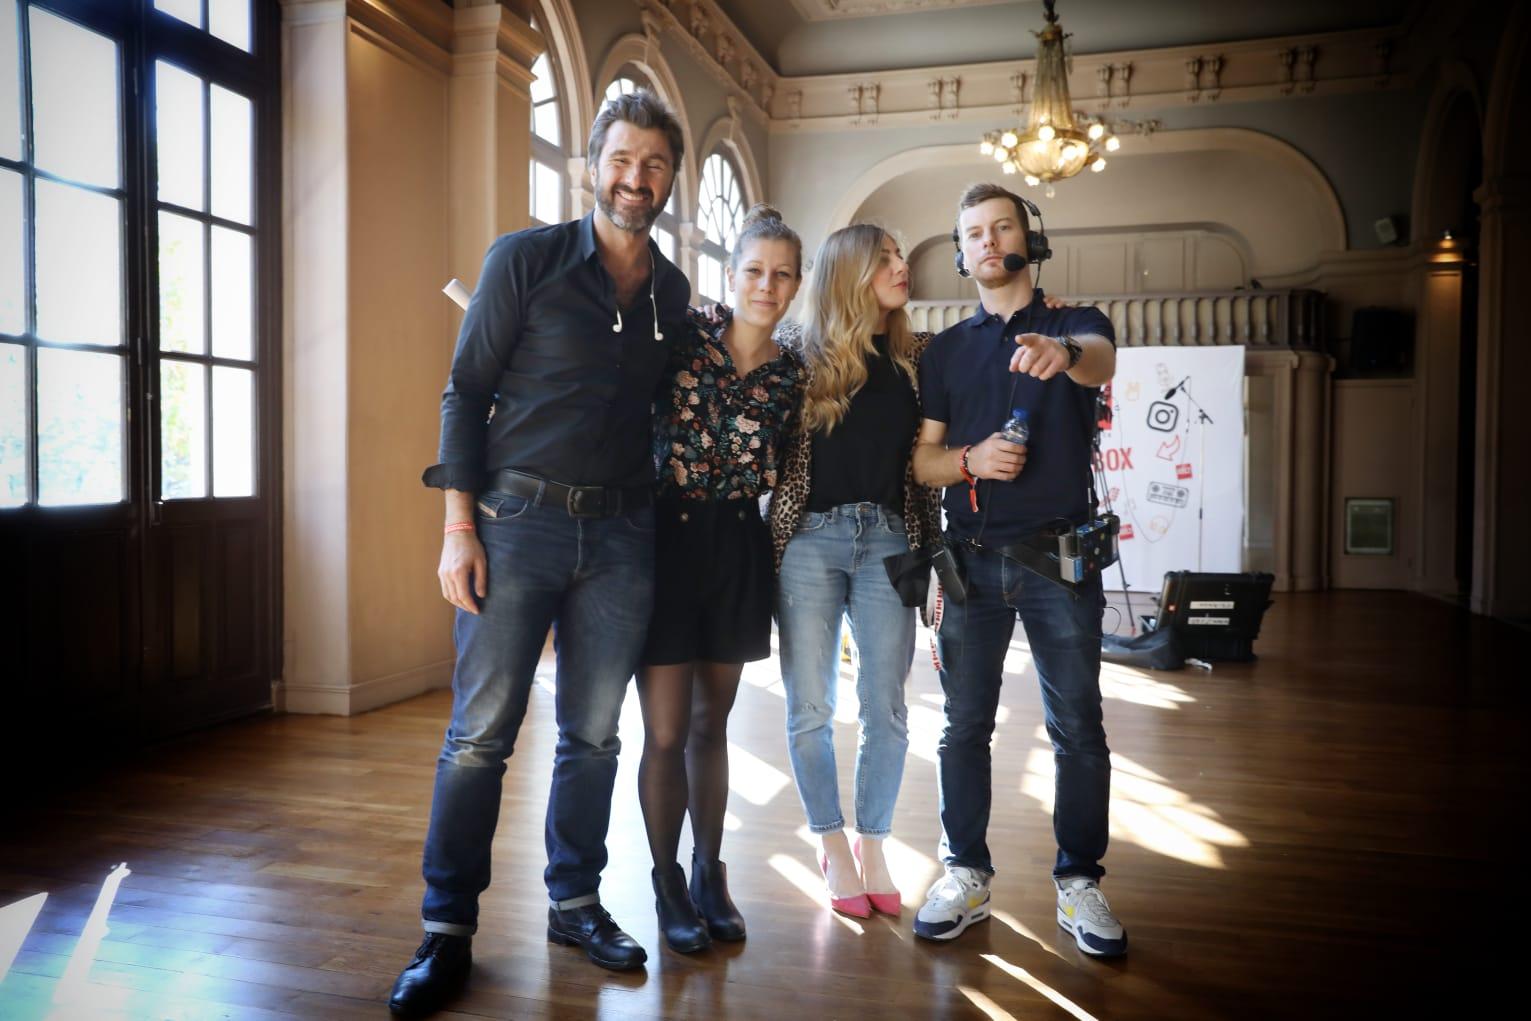 L'équipe du #DriveRTL2 au Trianon avant le Pop-Rock Live